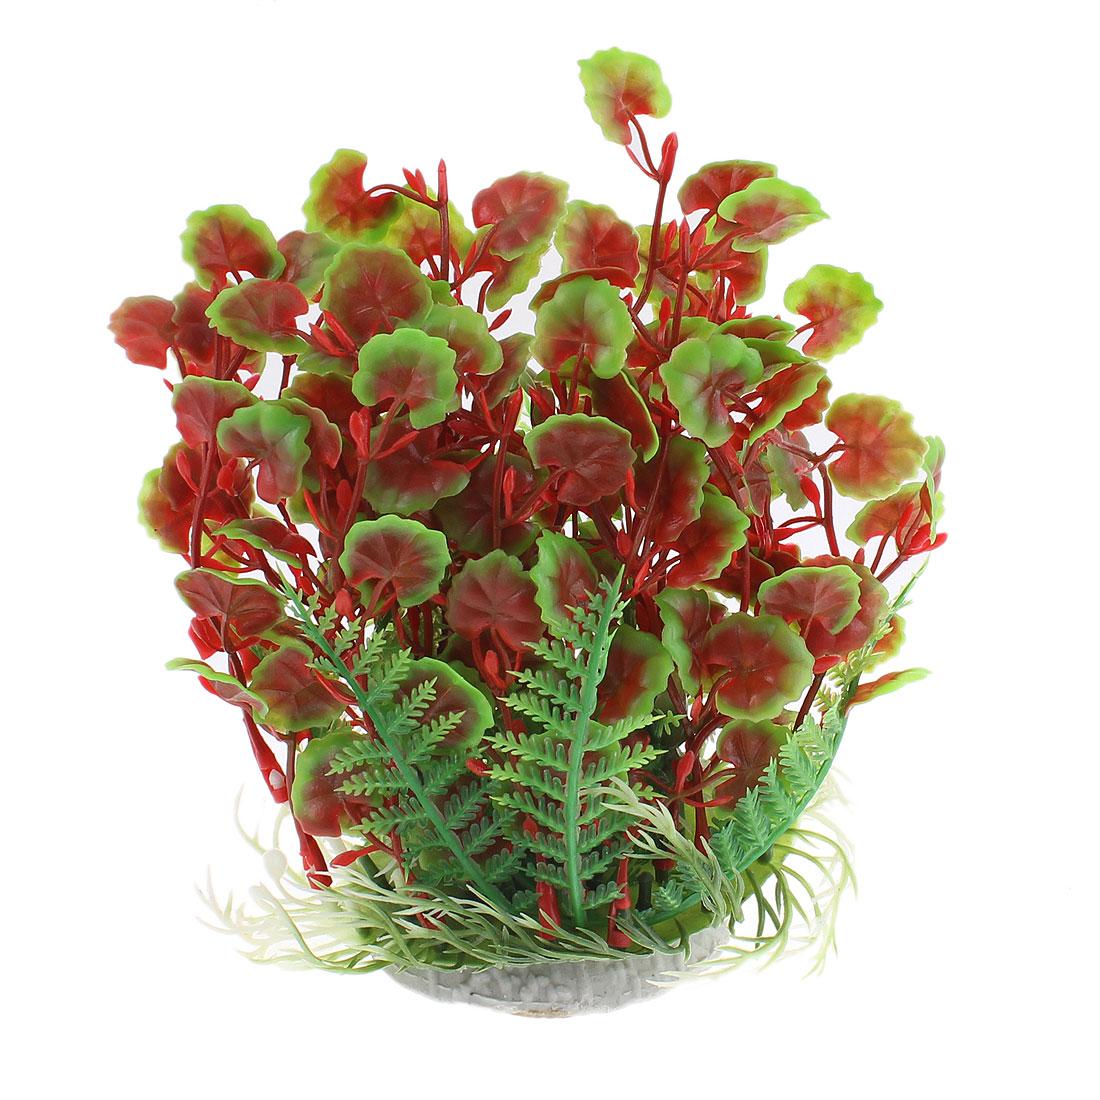 Aquarium Plastic Manmade Underwater Plant Ornament 17cm Height